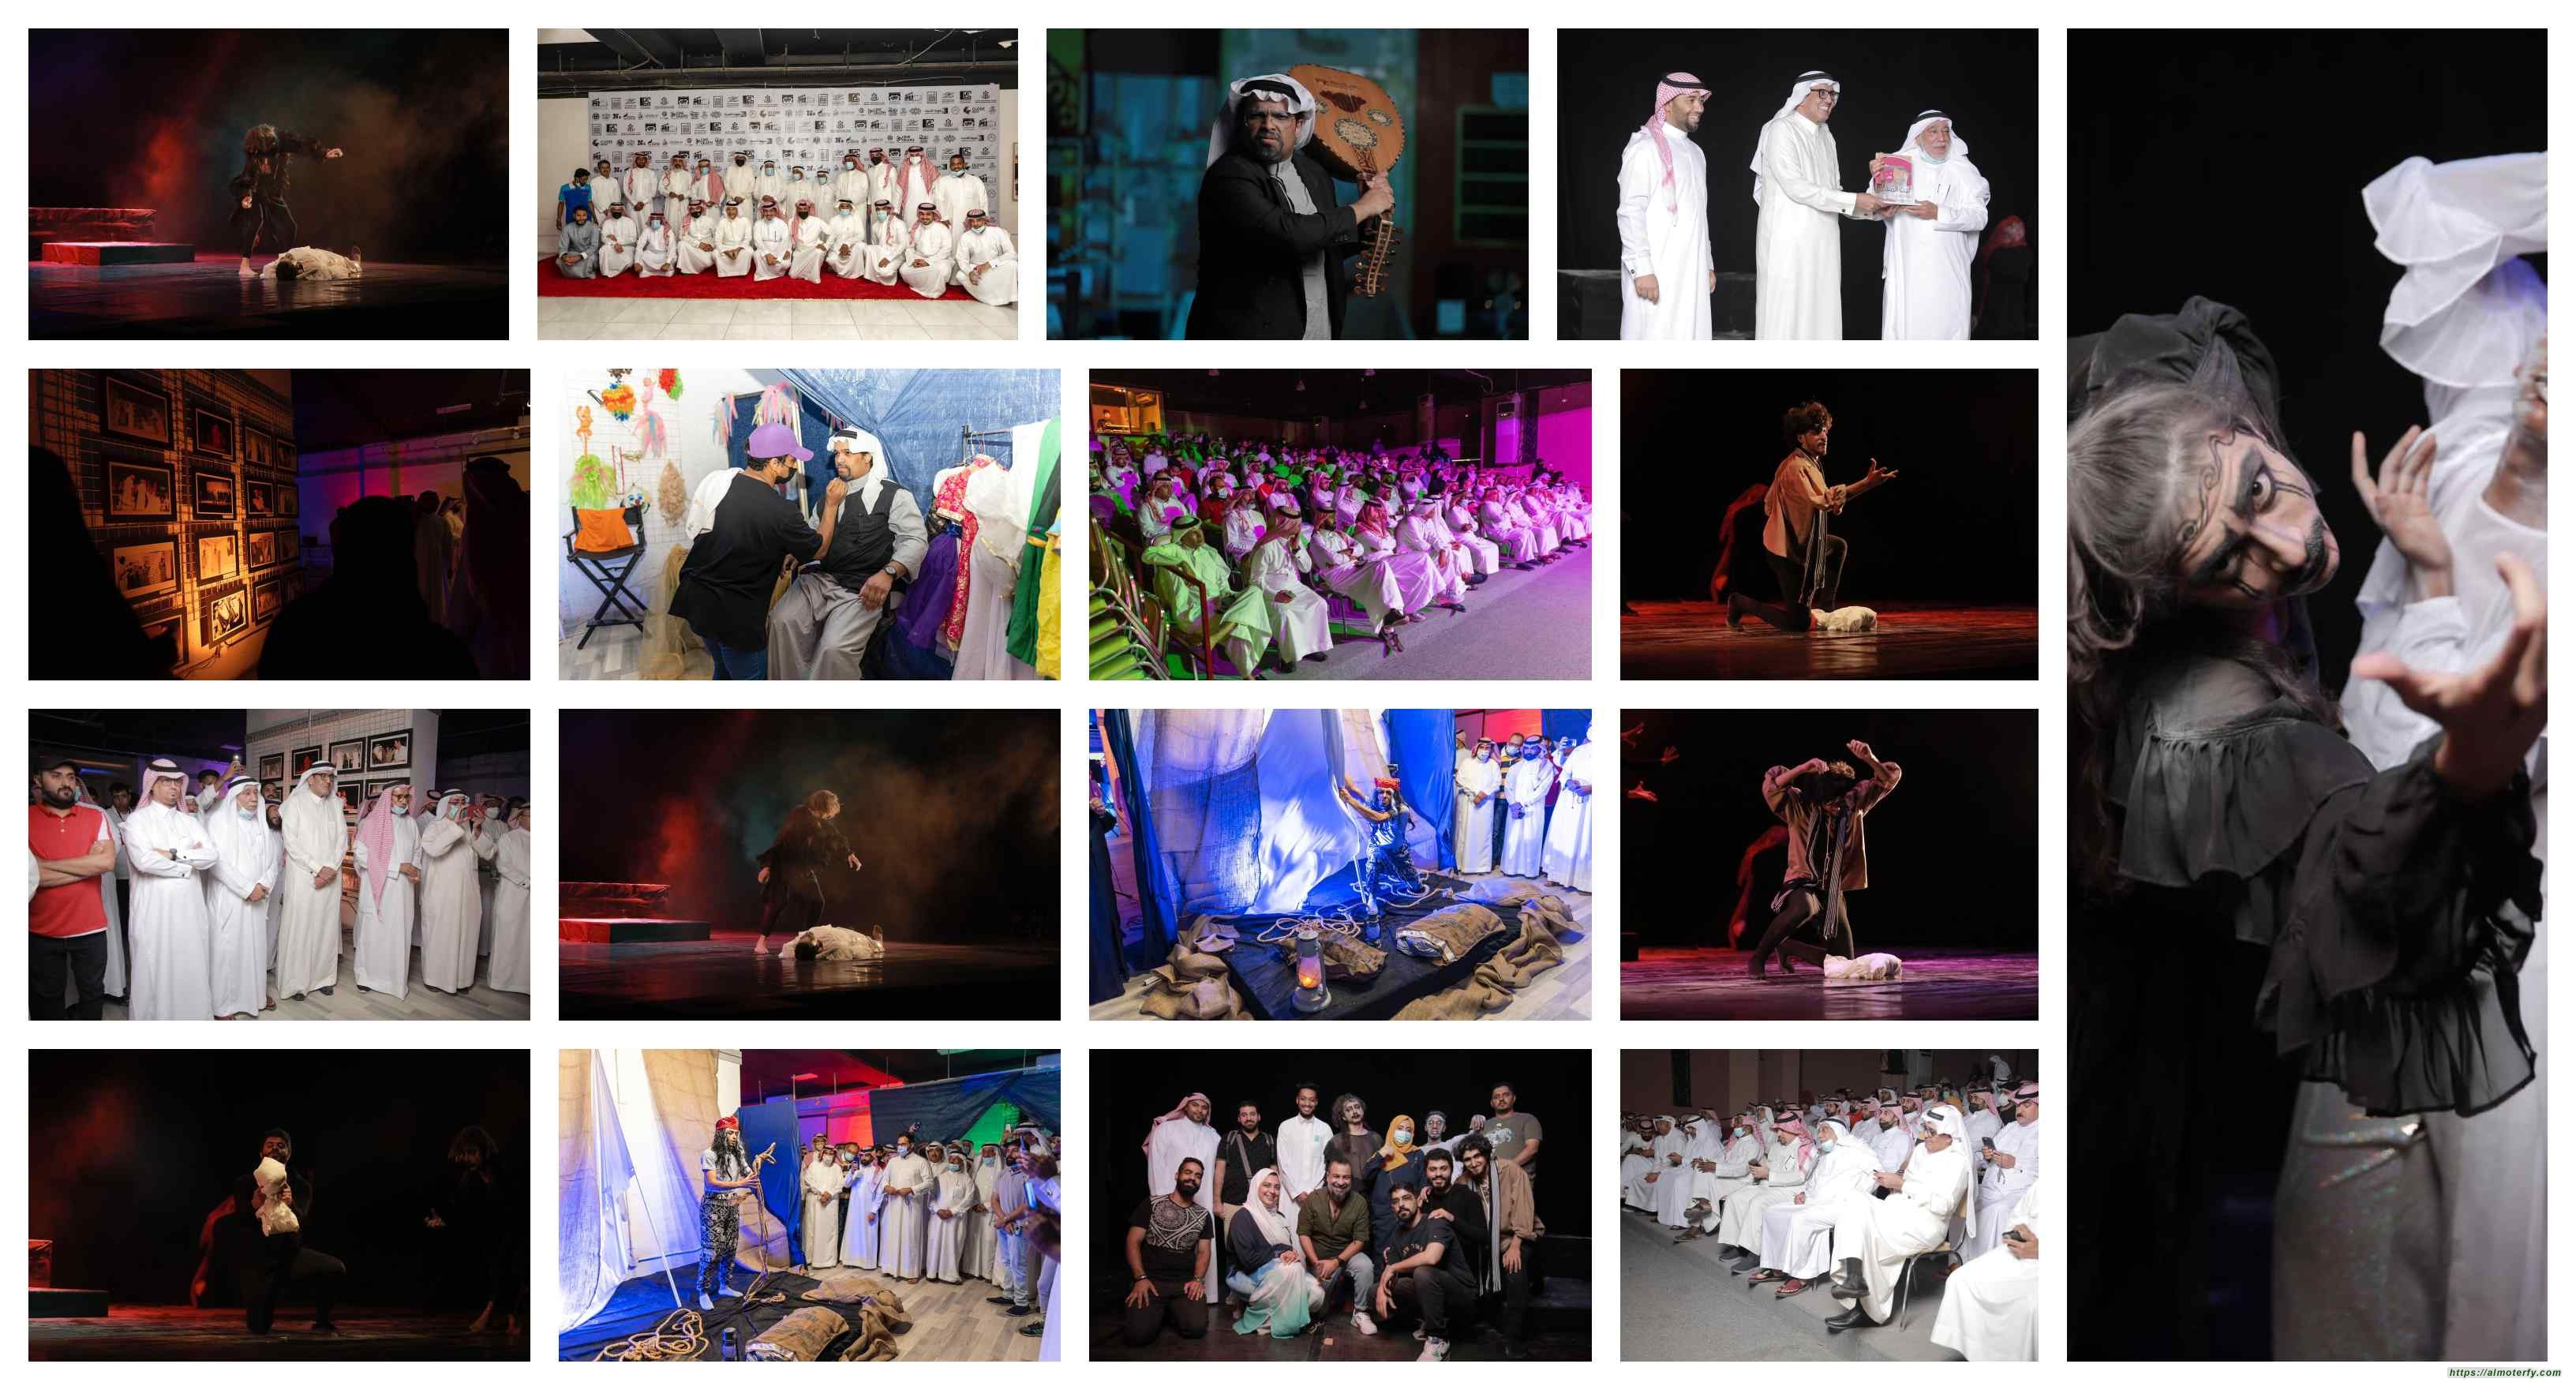 وسط حضور من المسرحيين والمهتمين ( رقصة الموت ) و انطلاق ( بيت المسرح ) بثقافة وفنون الأحساء